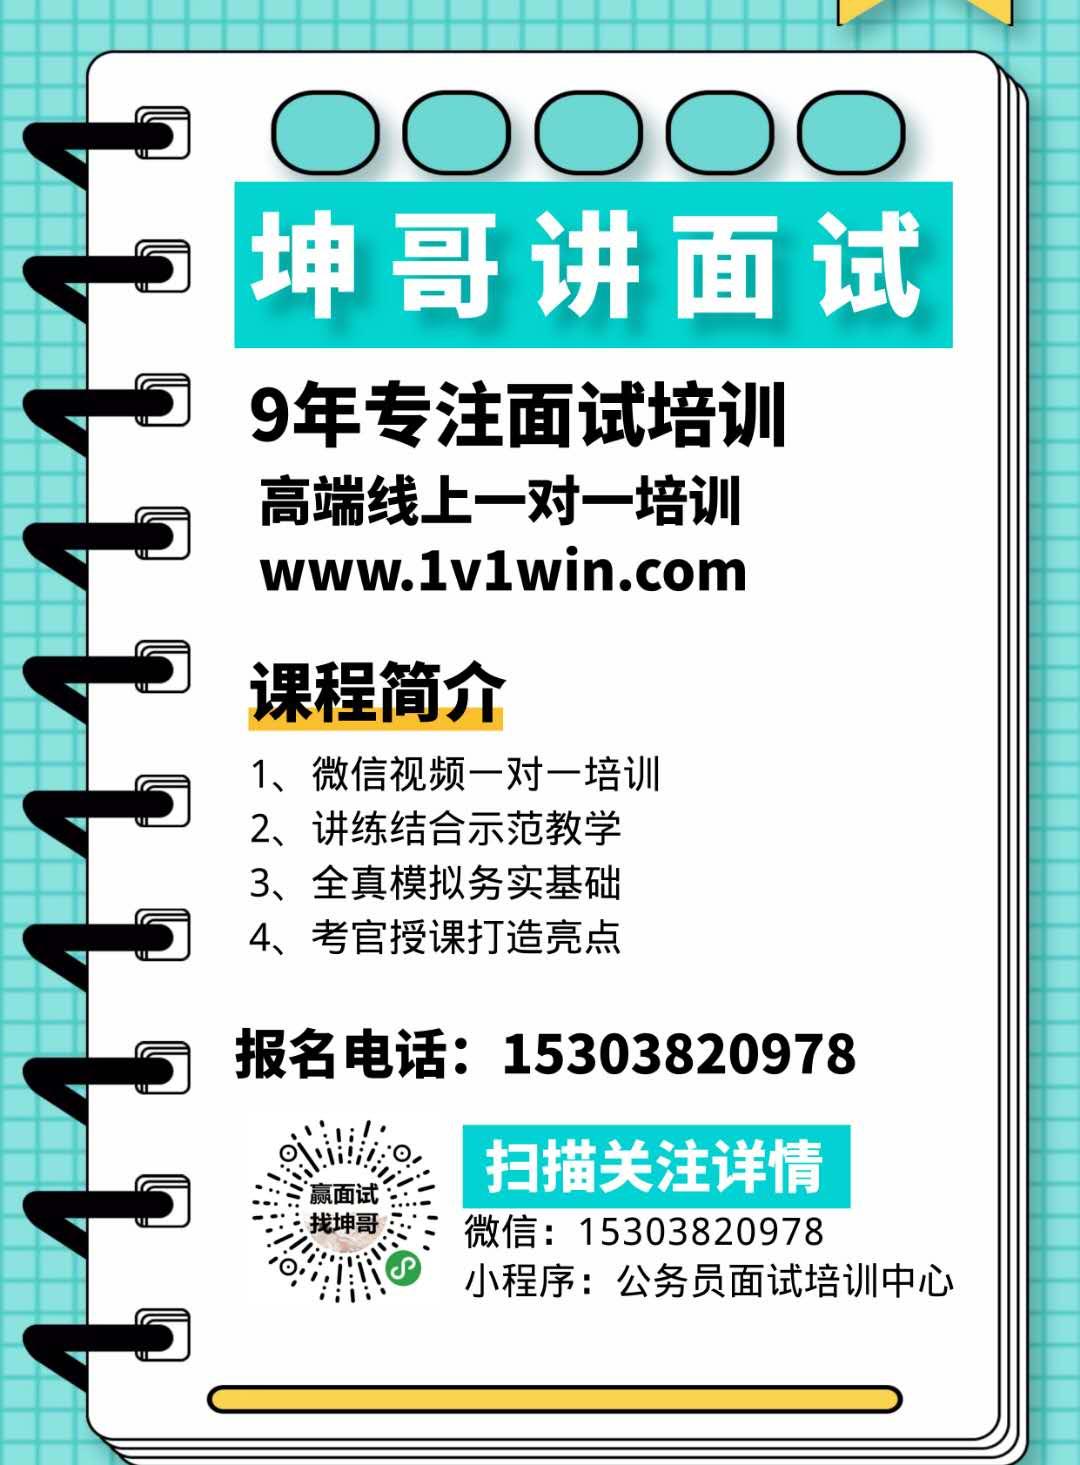 湖北省委党校2020年公开招聘面试辅导课程(图2)